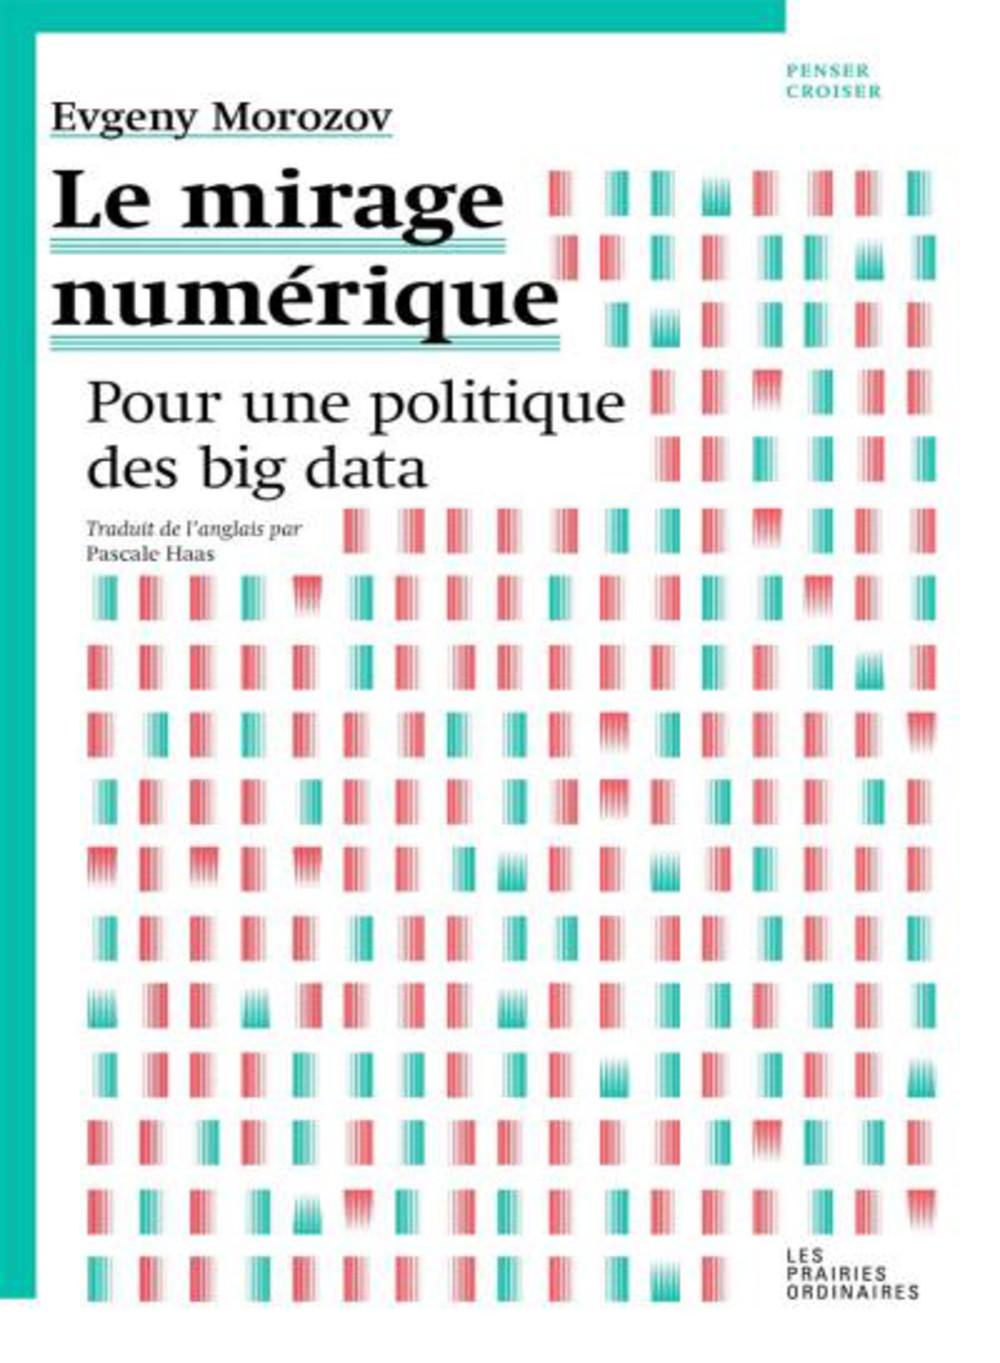 Le mirage numérique - pour une politique du Big Data Evgeny Morozov 144 pages, 16 € ISBN 978-2-35096-113-2 Editions Penser Croiser